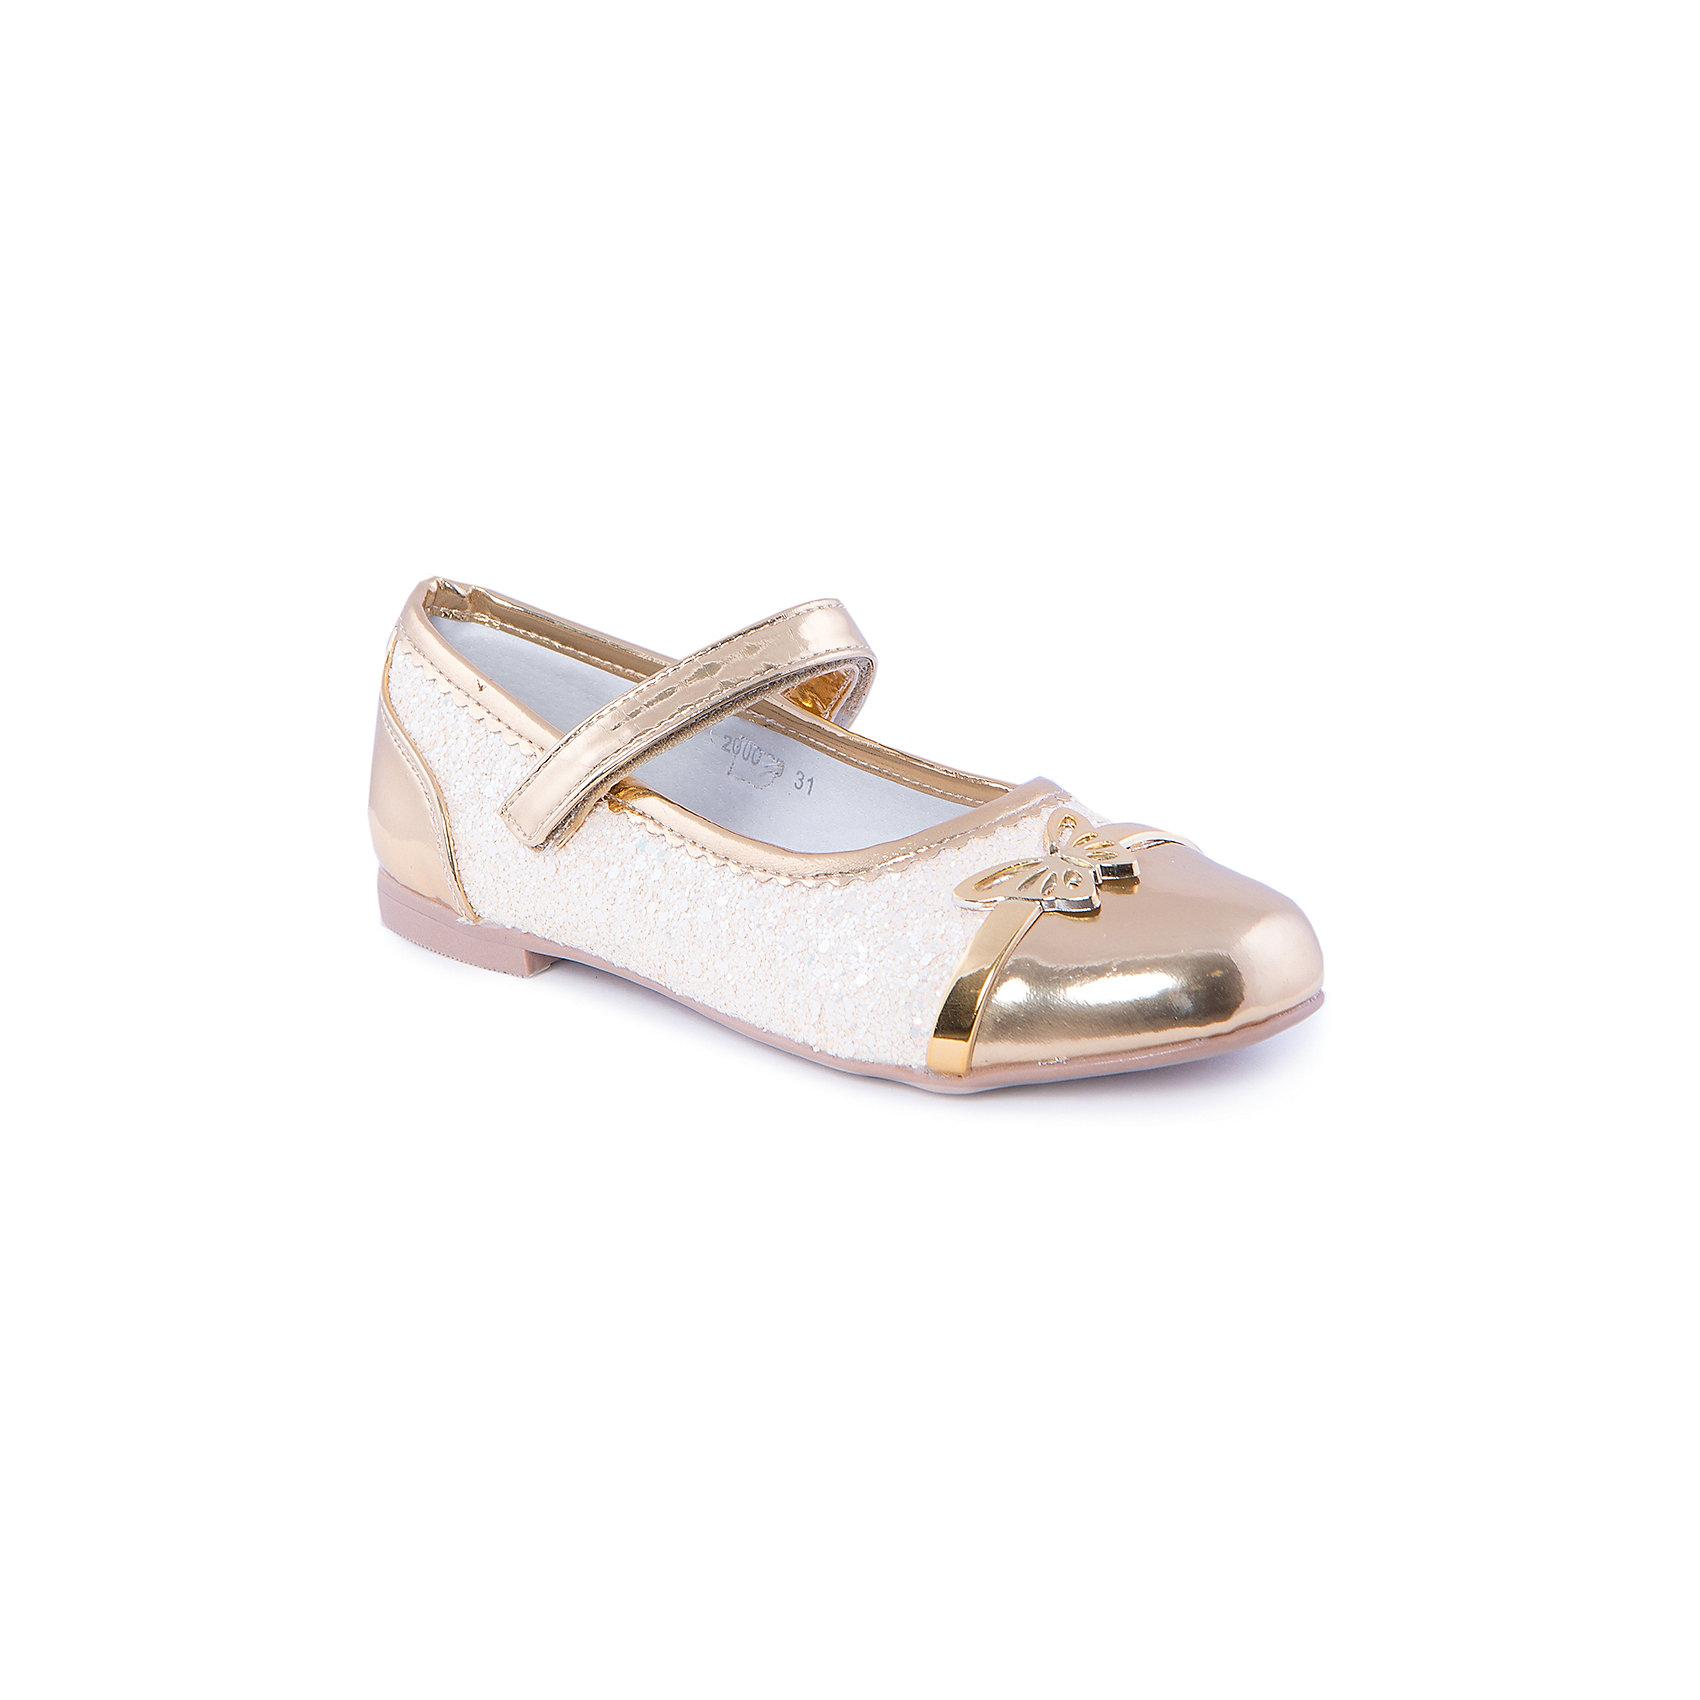 Туфли для девочки MURSUТуфли для девочки от известного бренда MURSU - прекрасный вариант для торжественных мероприятий. Модель на небольшом каблуке застегивается на липучку, декорирована бисером и блестящей бабочкой. Туфли выполнены из высококачественных материалов, подкладка и стелька изготовлены из натуральной кожи, обеспечивающей удобство, комфорт и гигиеничность. Золотые туфельки - мечта каждой юной модницы! <br><br>Дополнительная информация:<br><br>- Цвет: золото.<br>- Тип застежки: липучка.<br>- Декоративные элементы: бабочка, бисер. <br><br>Состав:<br><br>- Материал верха: искусственная кожа.<br>- Материал подкладки: натуральная кожа.<br>- Материал подошвы: TEP.<br>- Материал стельки: натуральная кожа.<br><br>Туфли для девочки MURSU (Мурсу), можно купить в нашем магазине.<br><br>Ширина мм: 227<br>Глубина мм: 145<br>Высота мм: 124<br>Вес г: 325<br>Цвет: золотой<br>Возраст от месяцев: 132<br>Возраст до месяцев: 144<br>Пол: Женский<br>Возраст: Детский<br>Размер: 35,34,32,31,33<br>SKU: 4213397